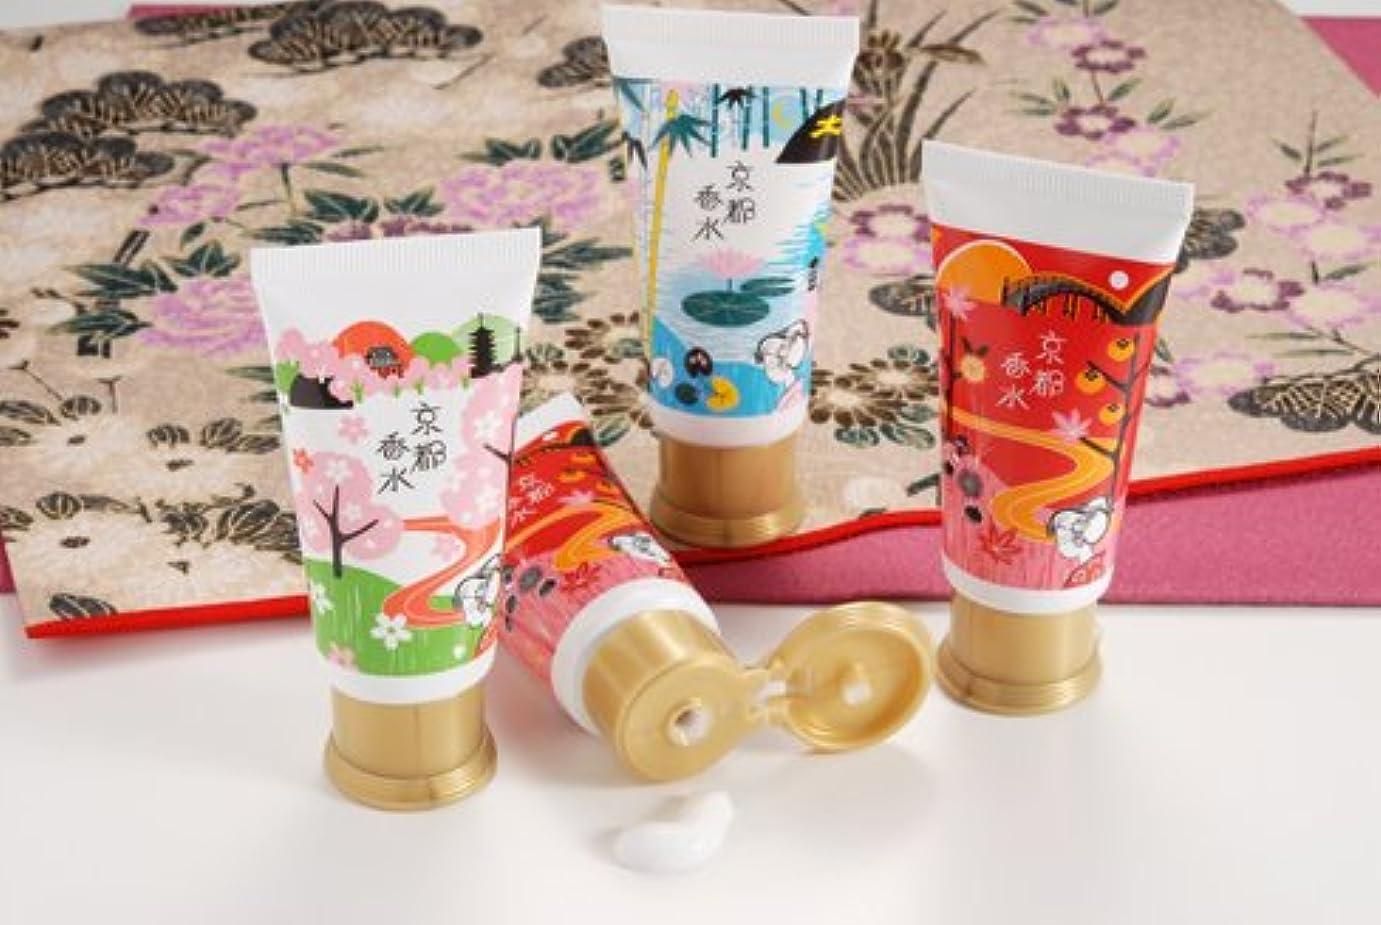 許す約設定デコードする京都舞妓 みるく香水 竹と蓮の香り